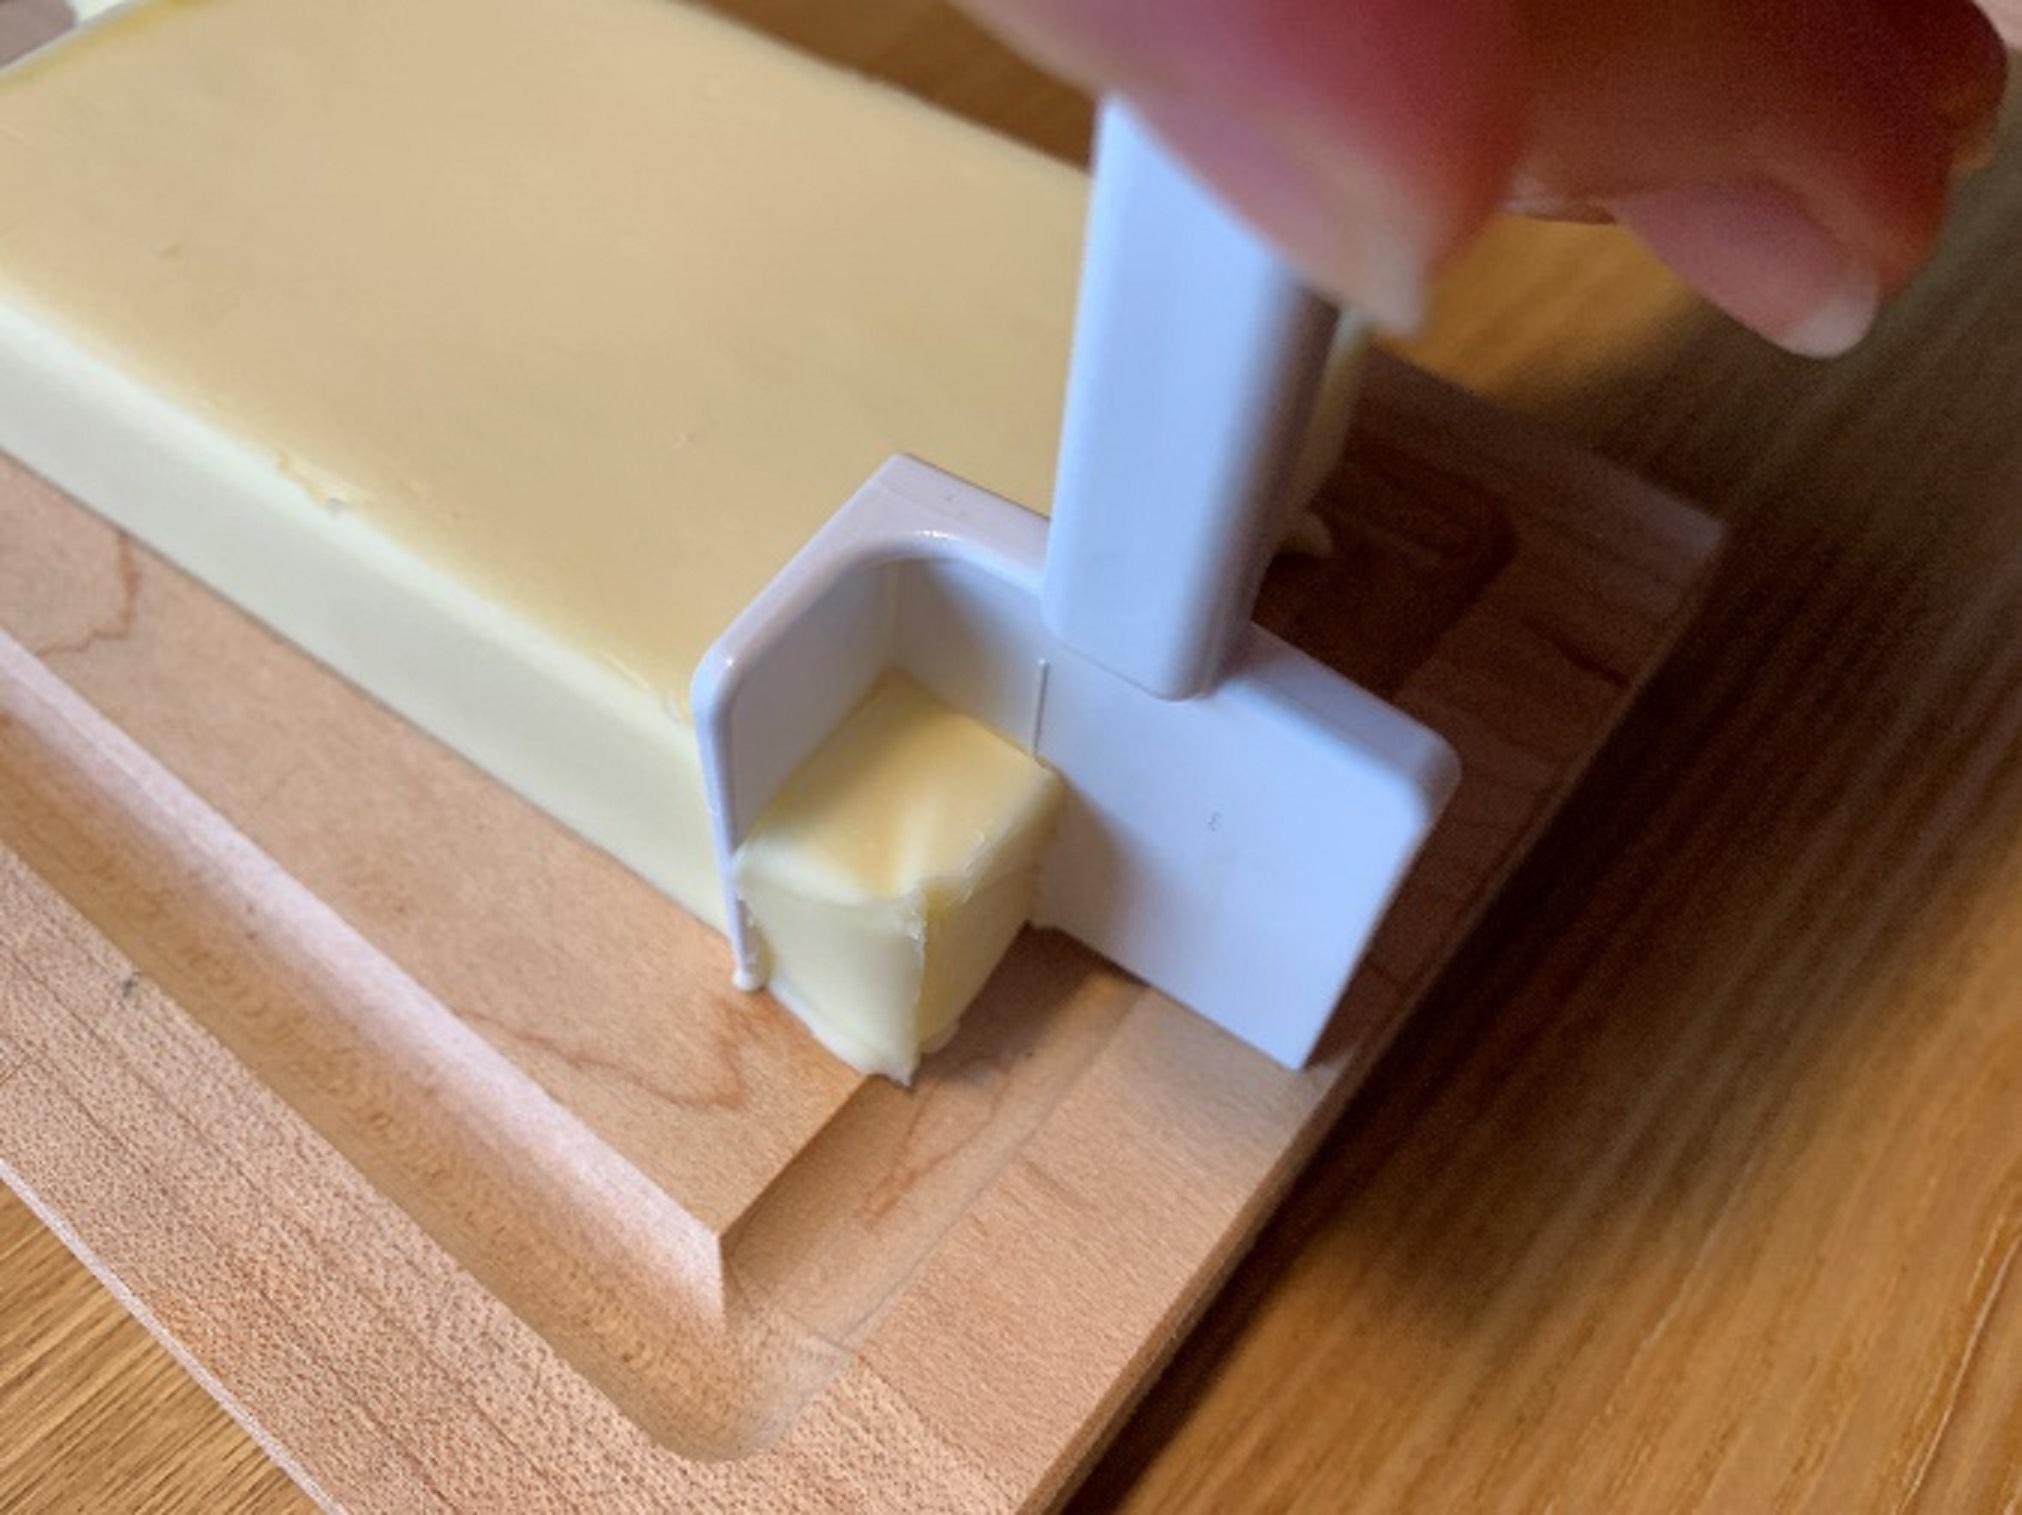 大さじ 1 何 グラム は バター